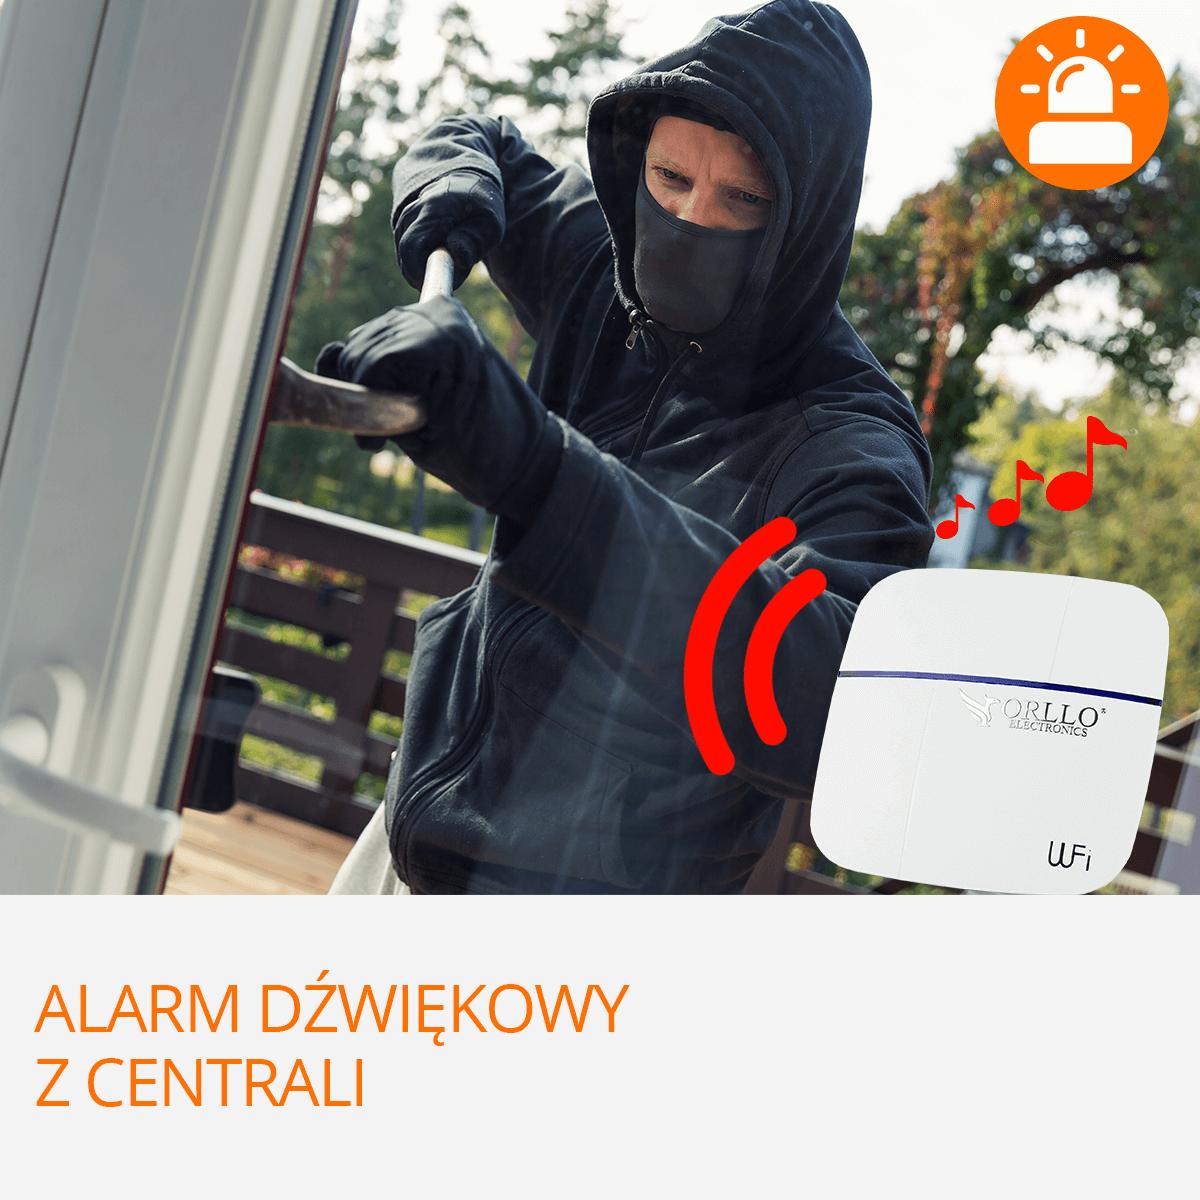 Centrala-alarmowa-nagrywanie-dzwieku-orllo-pl